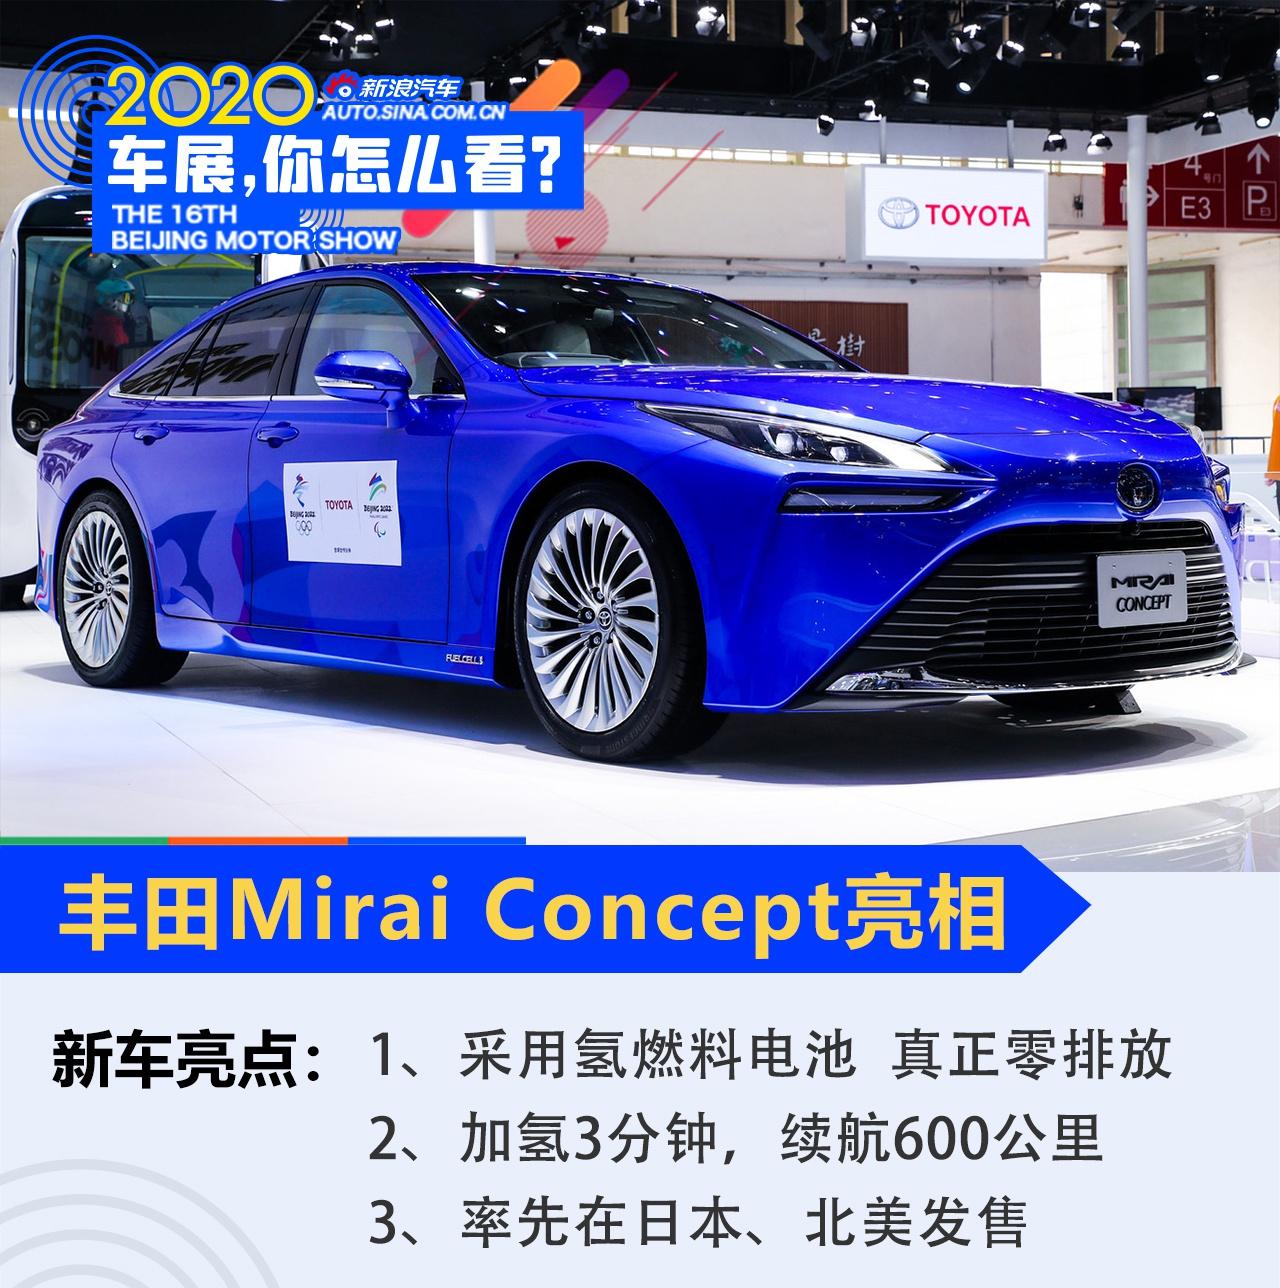 2020北京车展 电动化进程加速 丰田携多款电动化车型亮相